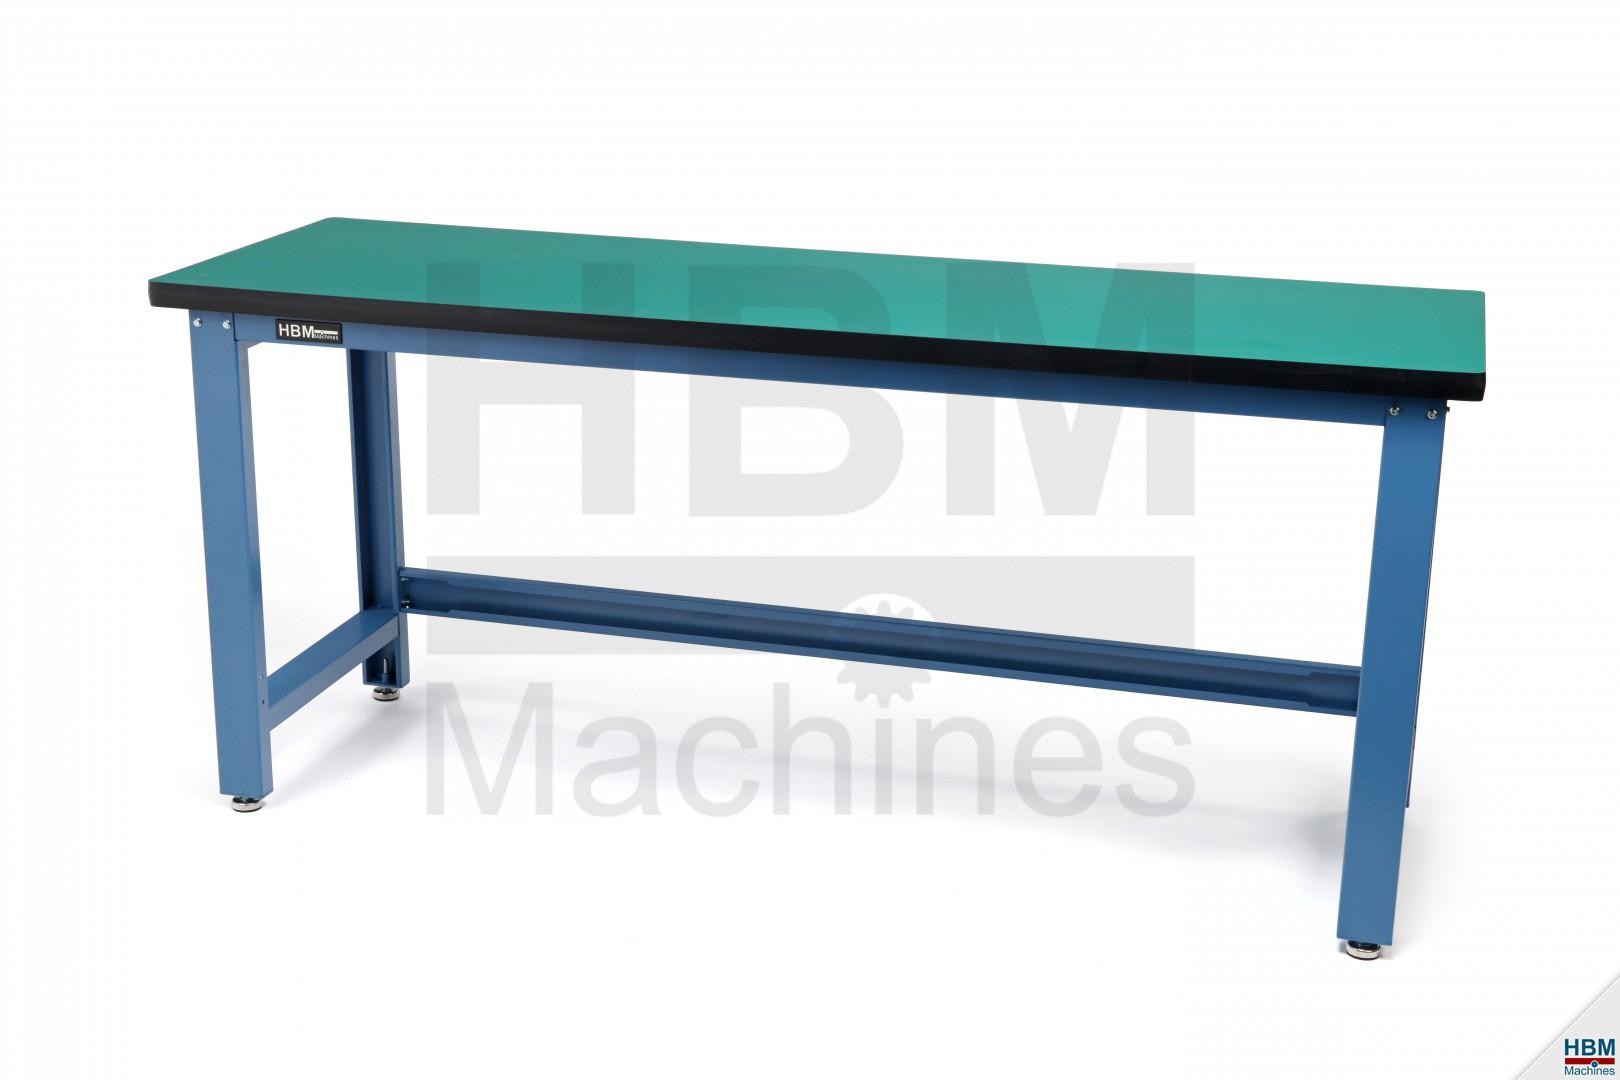 hbm 200 cm professionele werkbank met mdf blad hbm machines. Black Bedroom Furniture Sets. Home Design Ideas